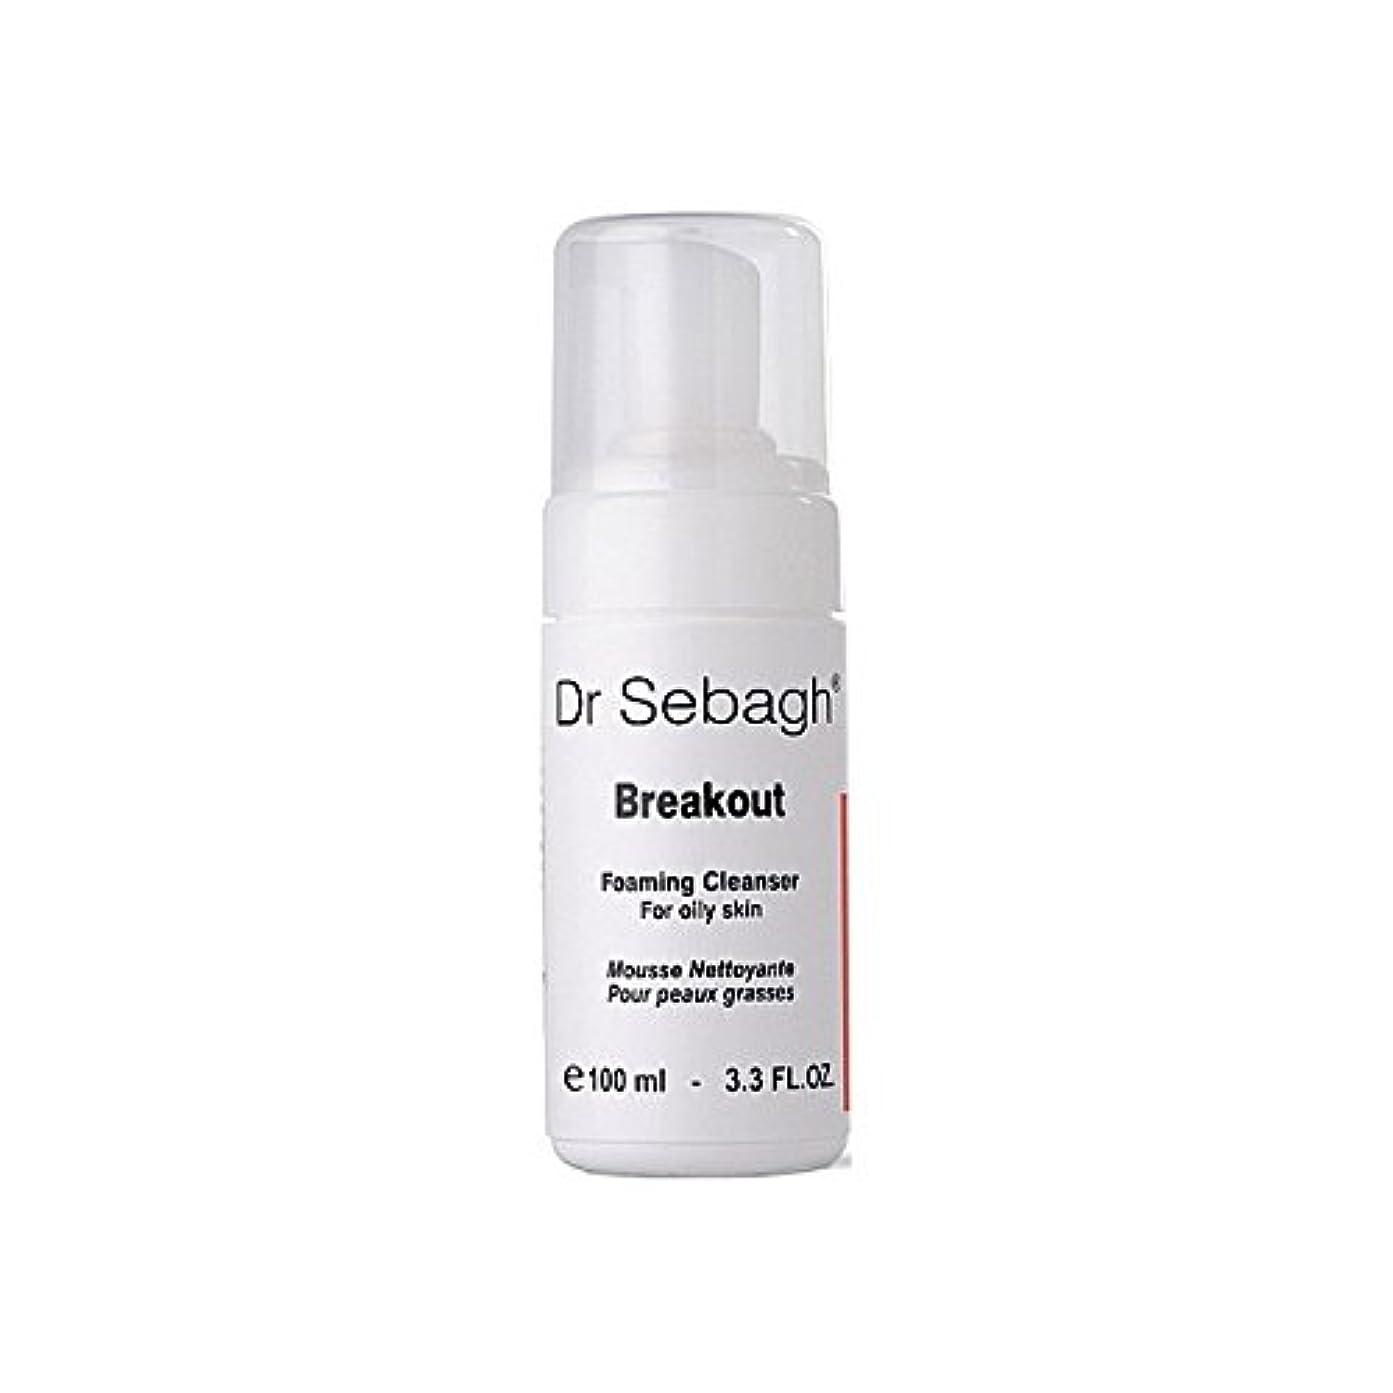 参照抵抗力がある愛国的なクレンザーを発泡の のブレイクアウト x2 - Dr Sebagh Breakout Foaming Cleanser (Pack of 2) [並行輸入品]